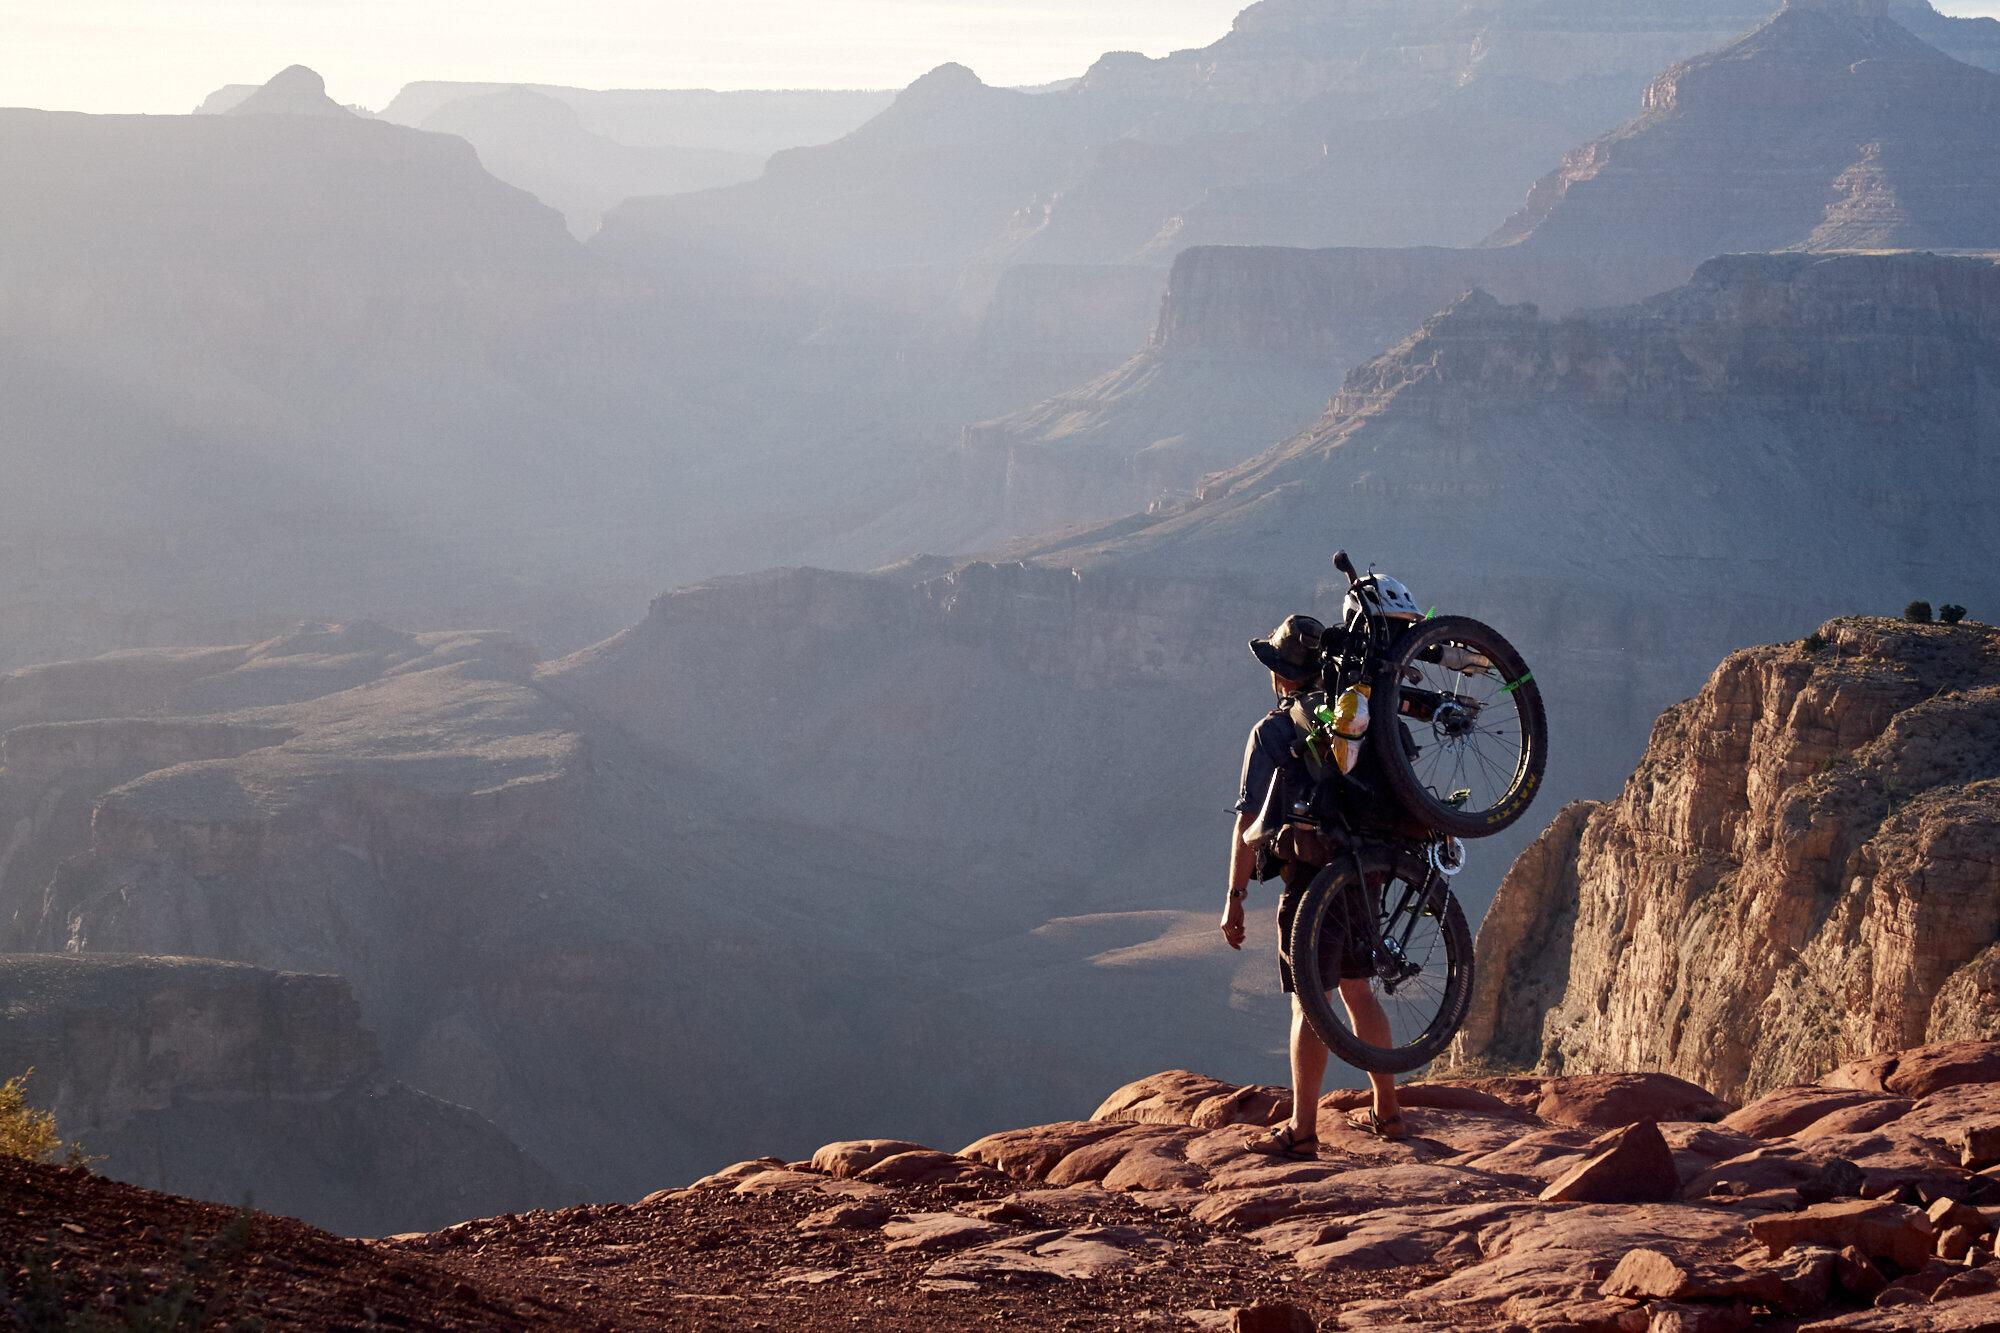 RyanKodakBrown- Arizona Trail and Wild West Route-1639.jpg